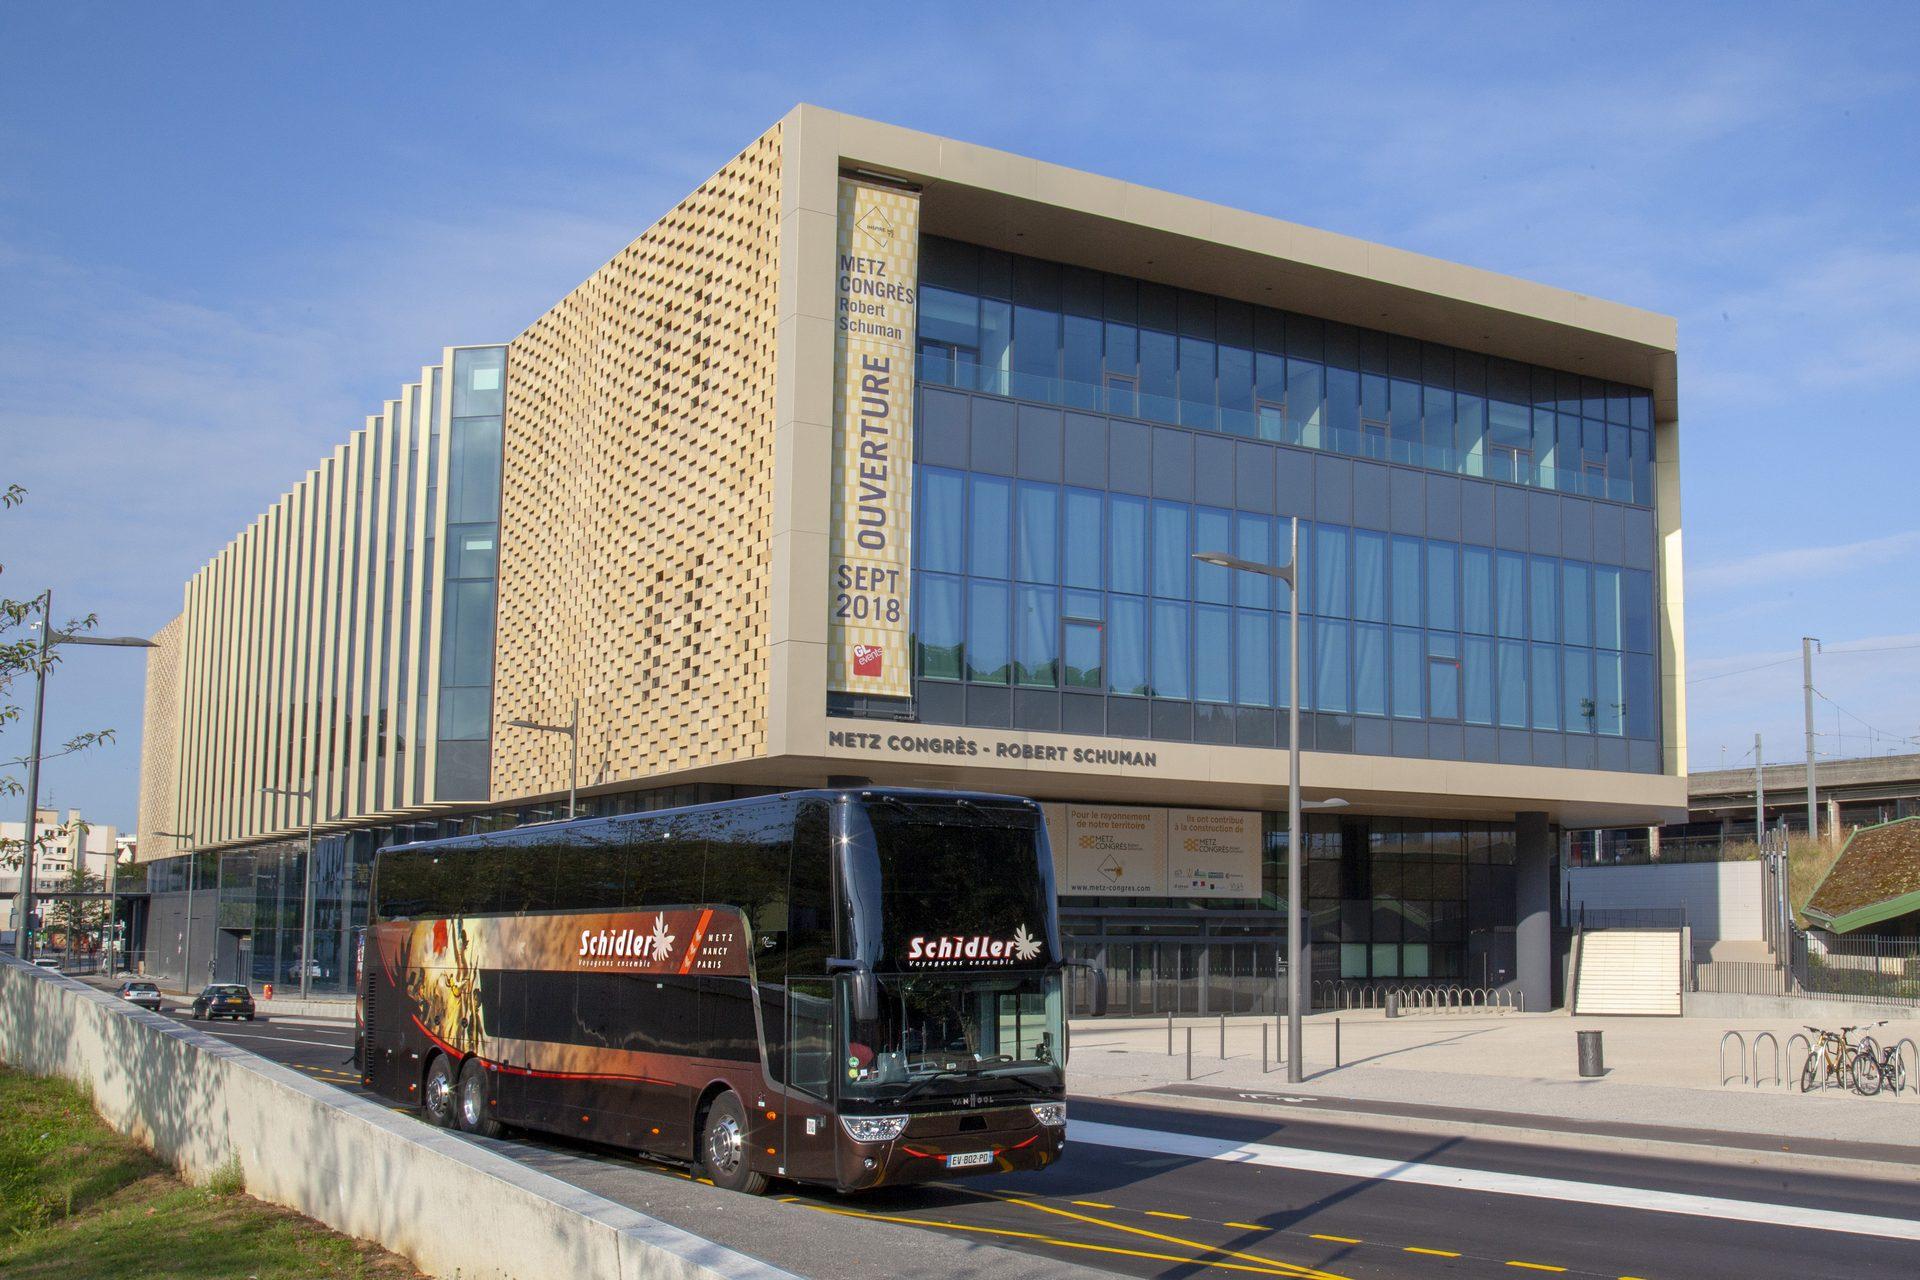 01-09-18-bus_delacroix_Metz_Congrès